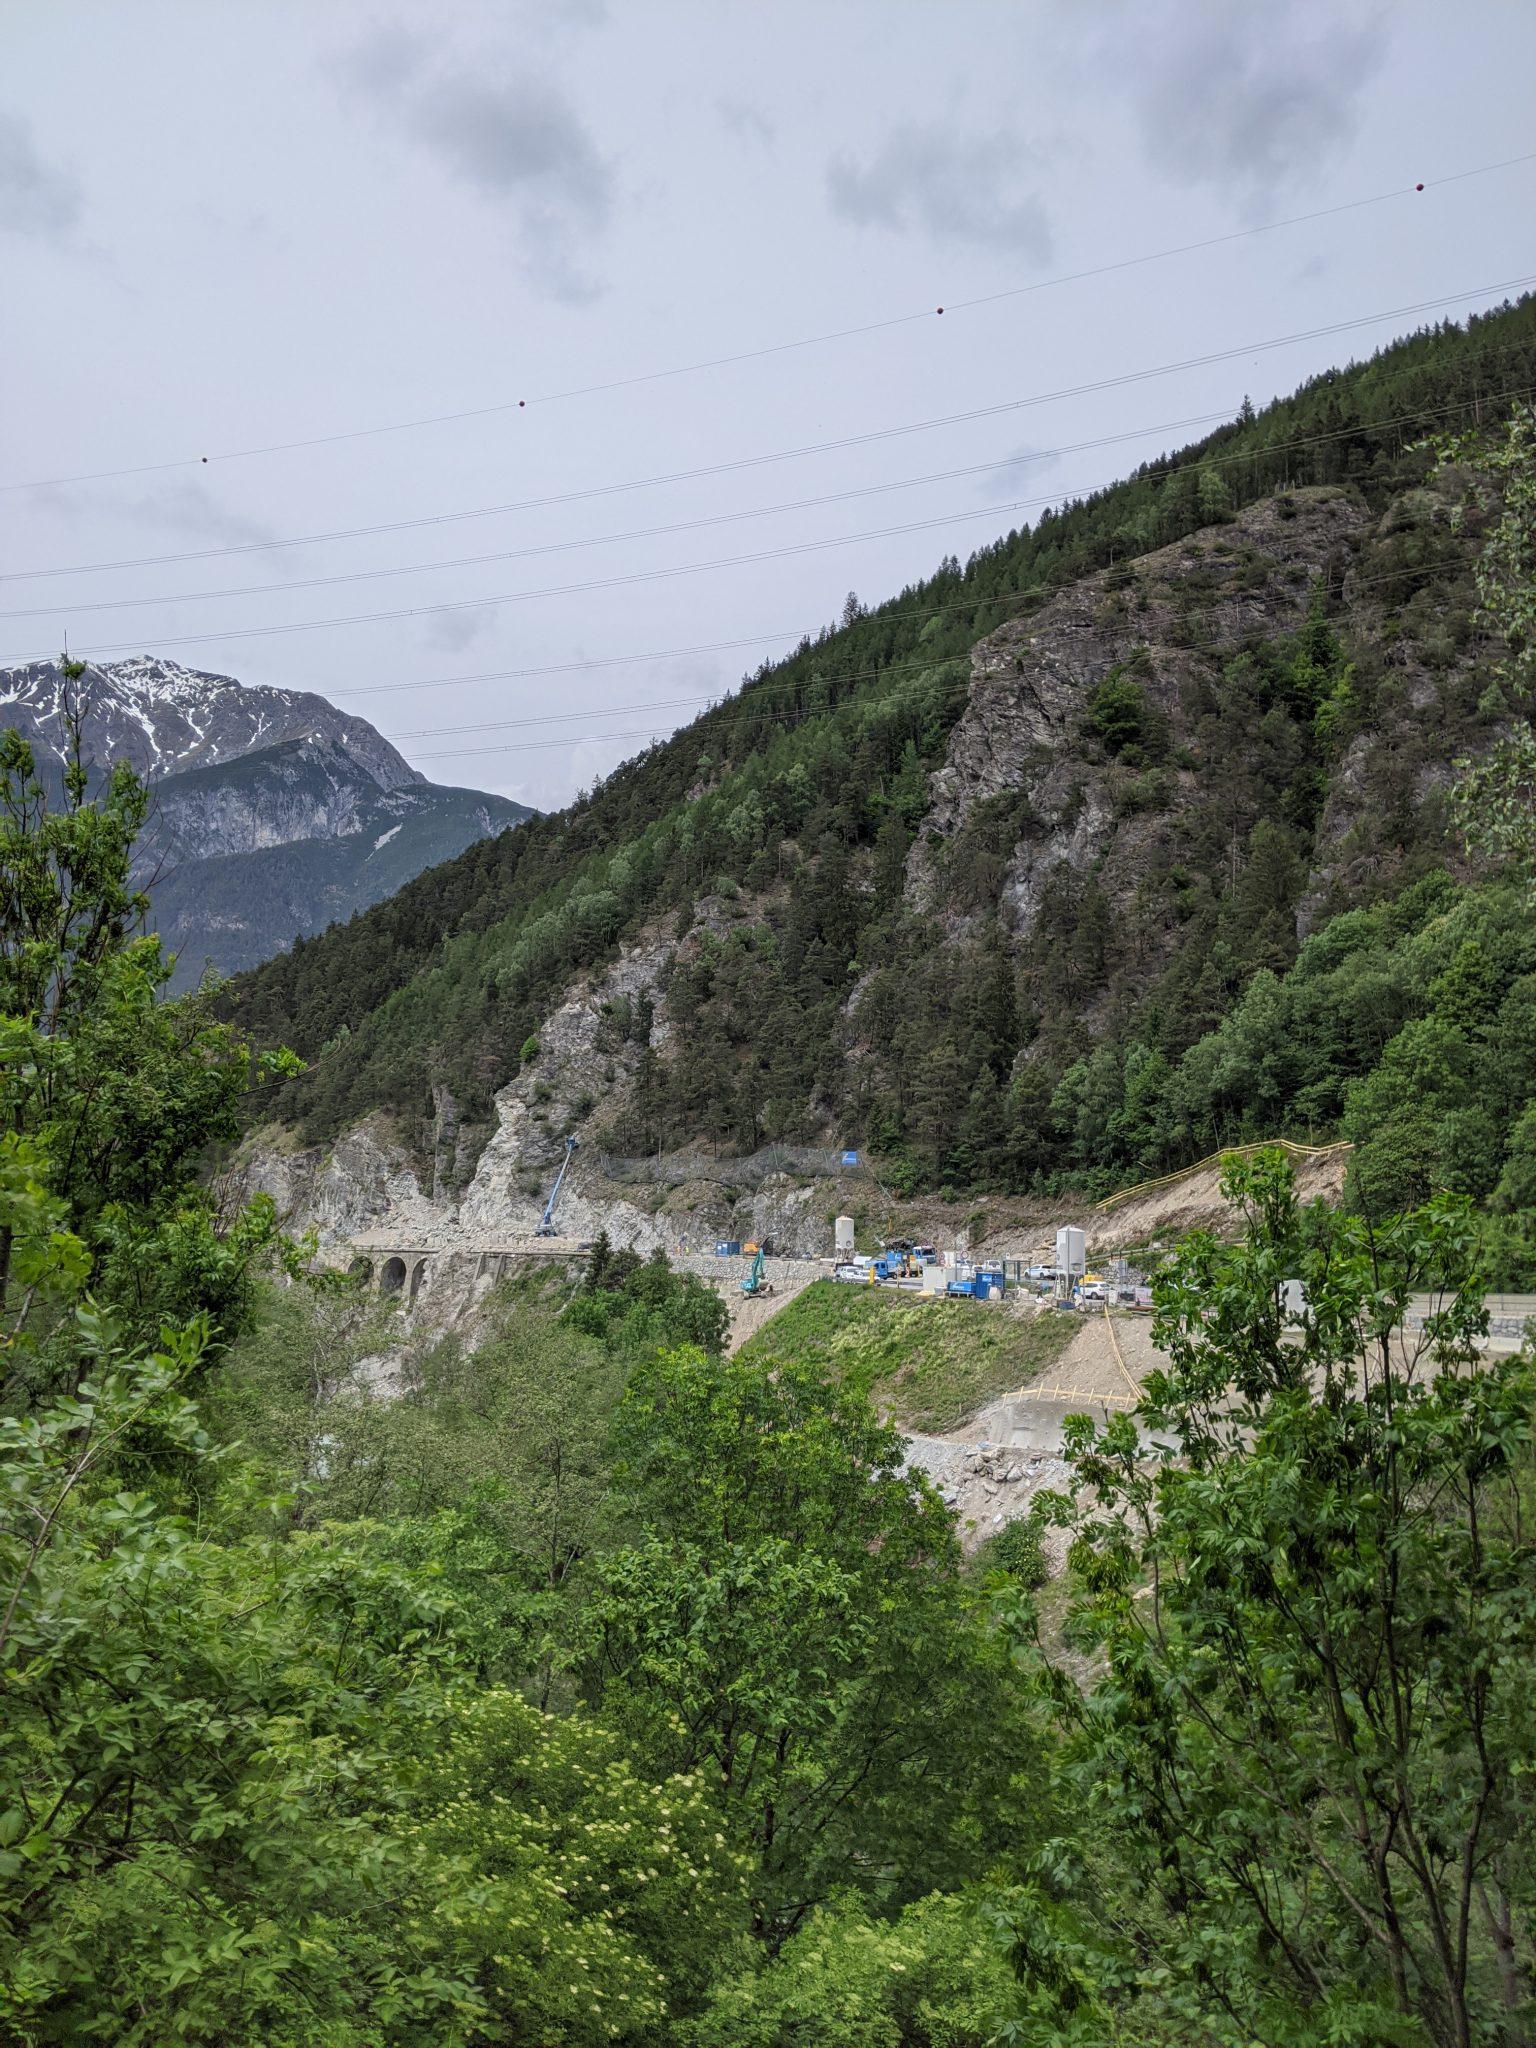 Baustelle L 76 - das ist vom überhängenden Felsen übrig geblieben